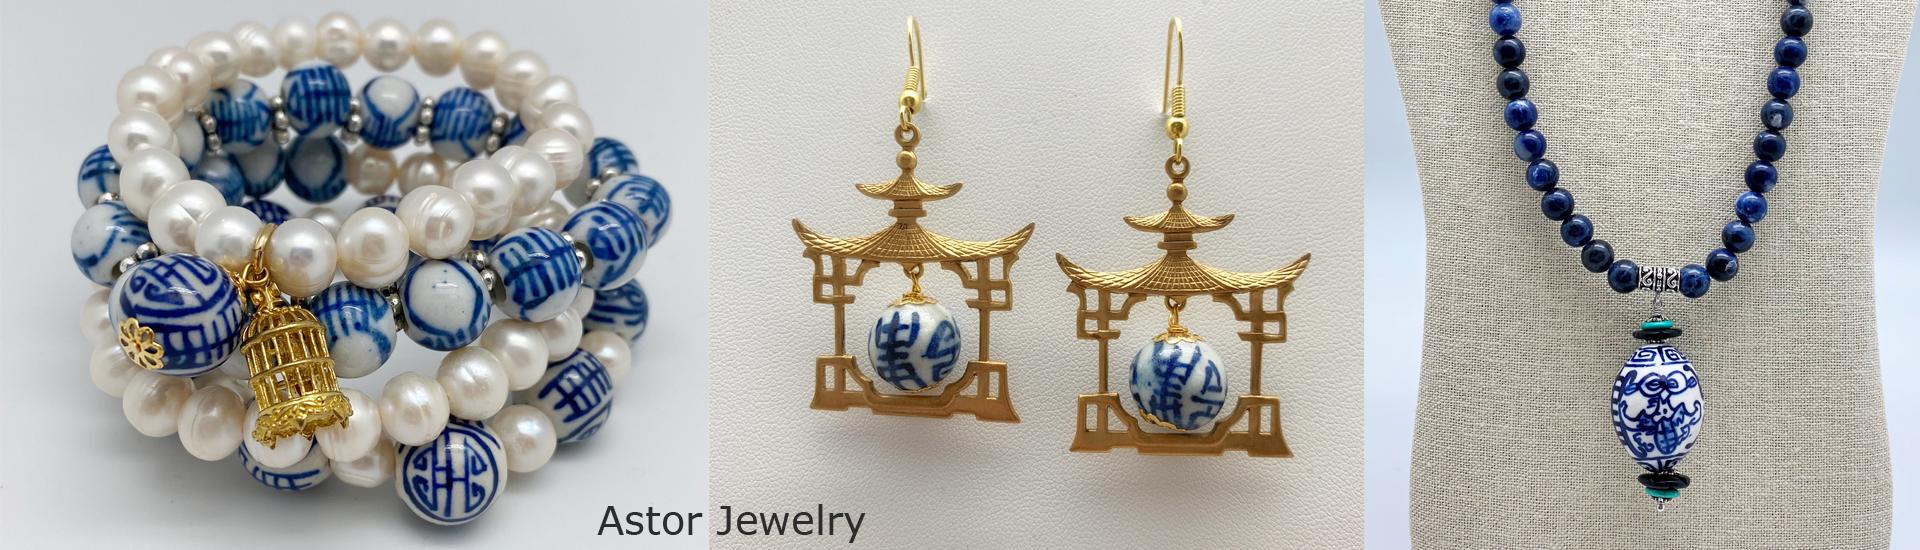 Astor Jewelry